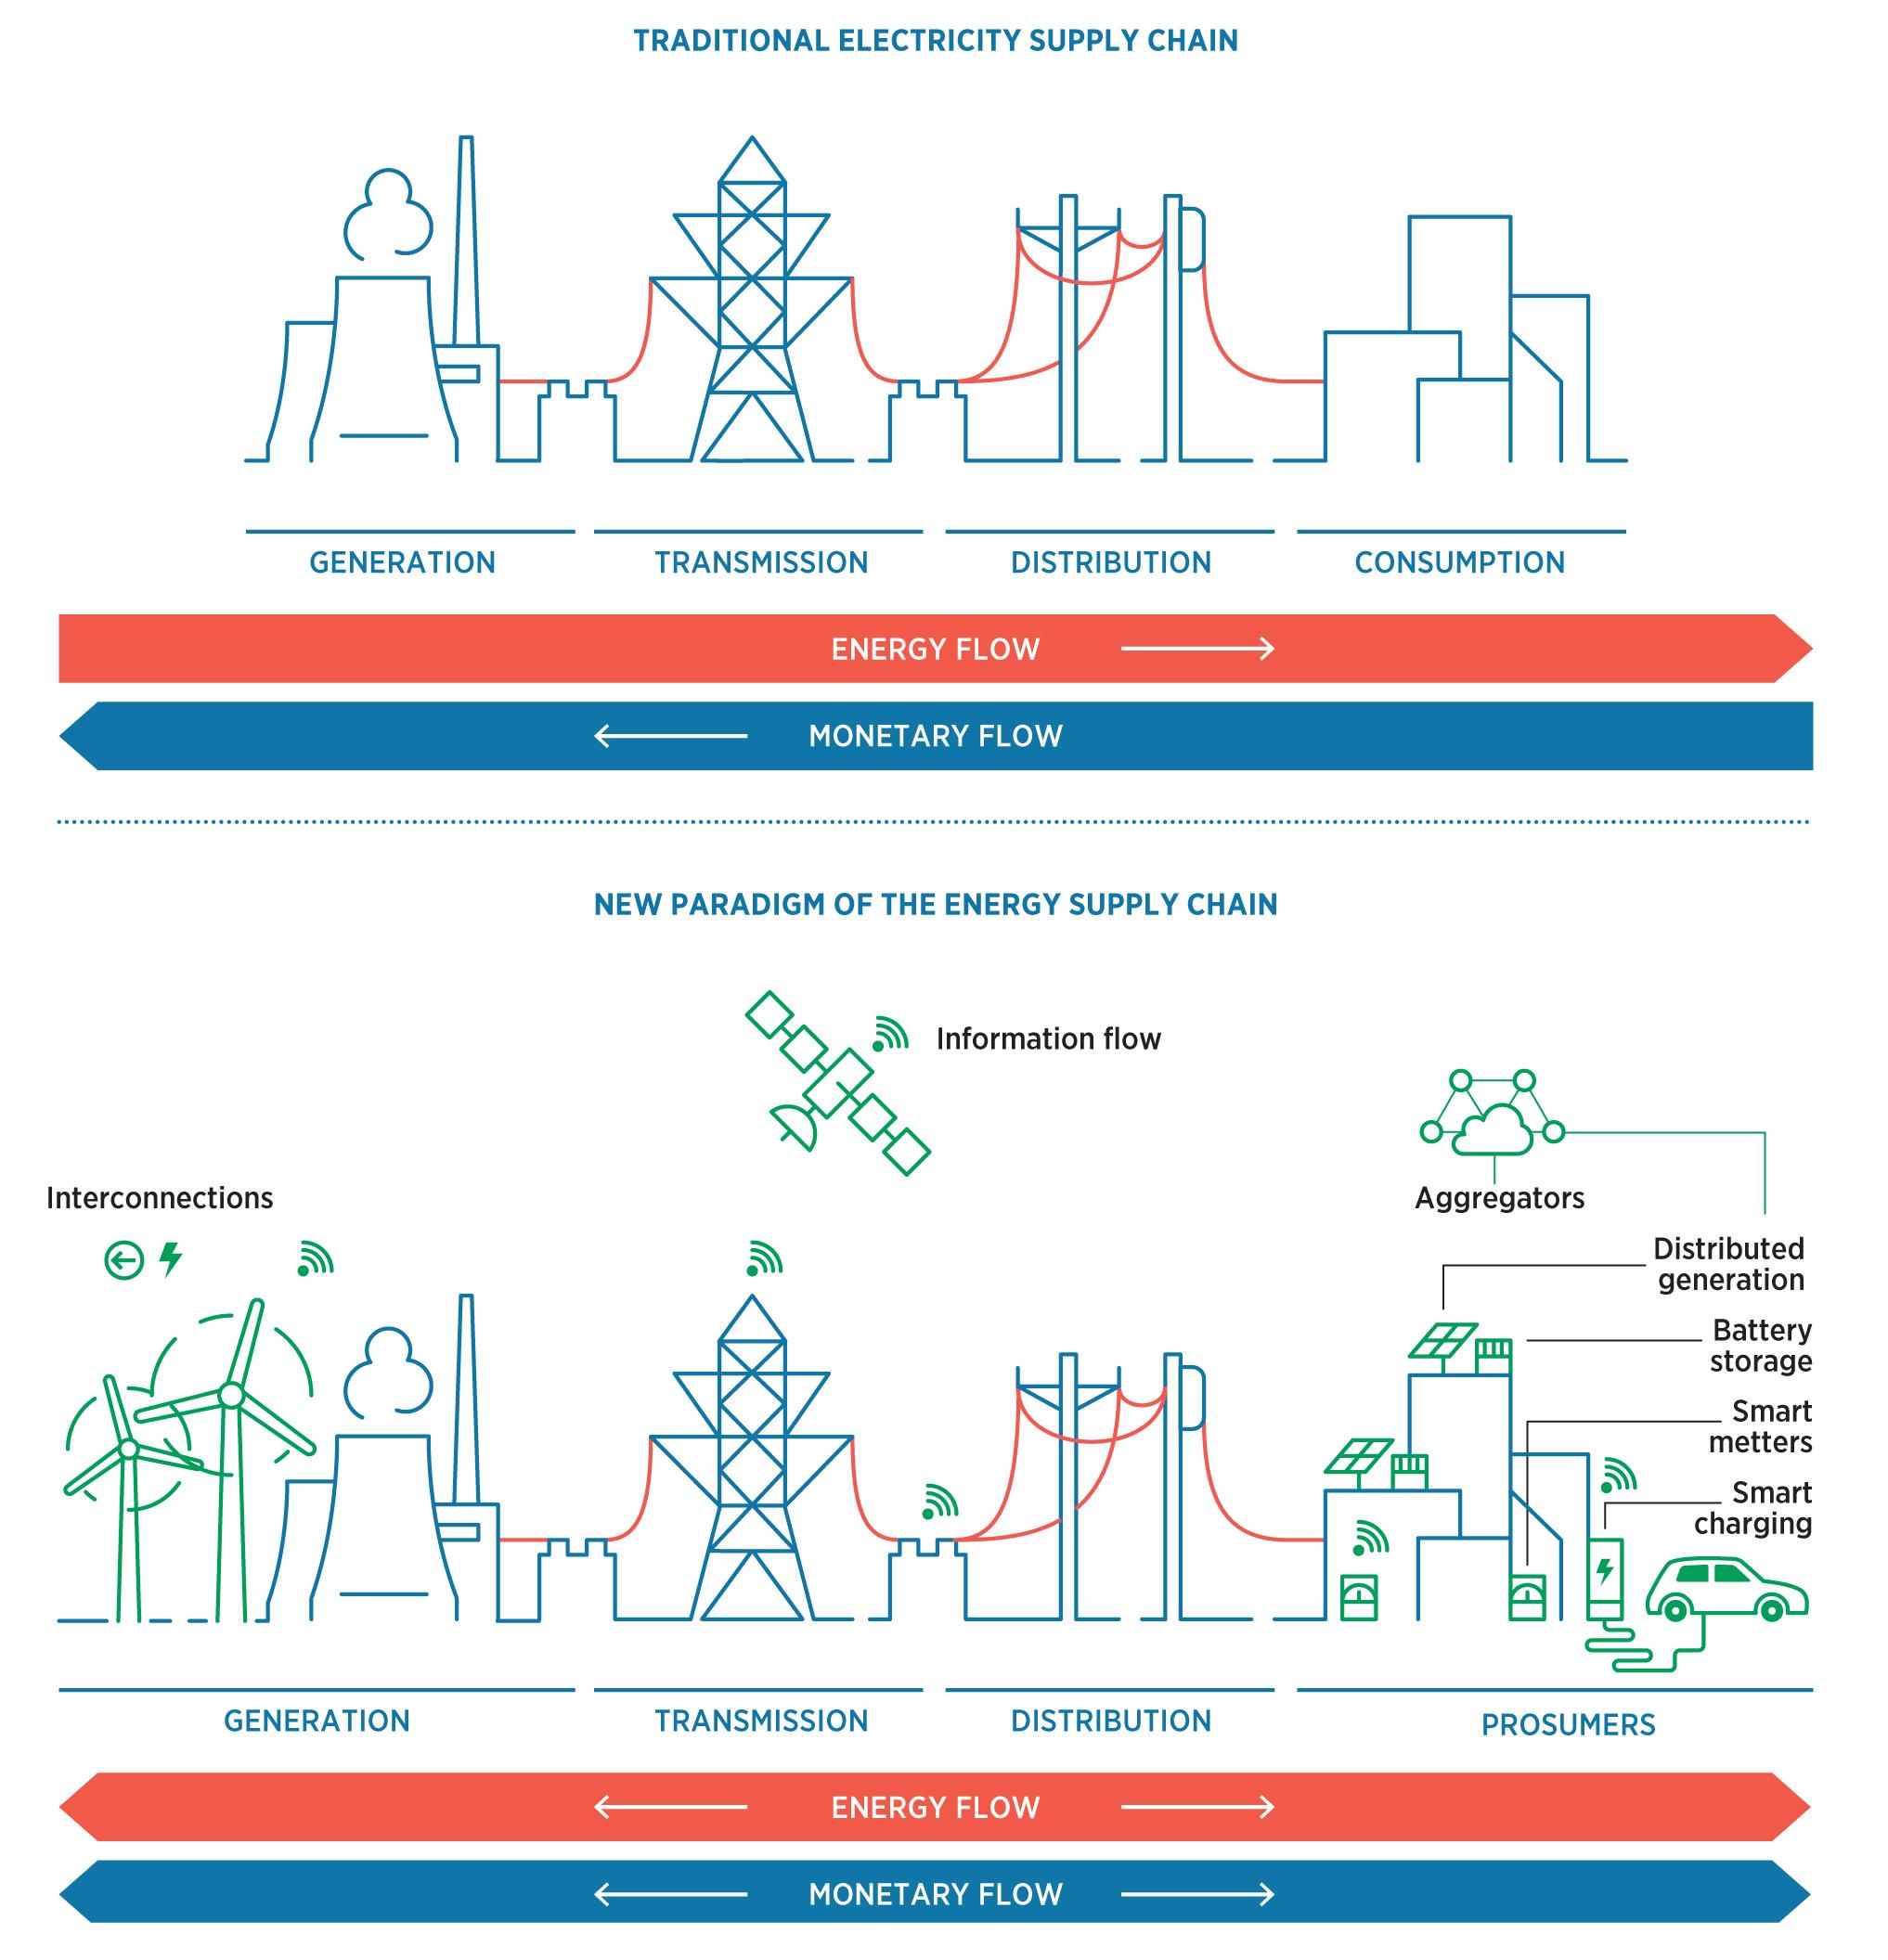 Рис. 2. Изменения в цепи поставок в энергетике с увеличенной долей ВИЭ. Источник: IRENA - «Innovation landscape for a renewable-powered future», февраль 2019.